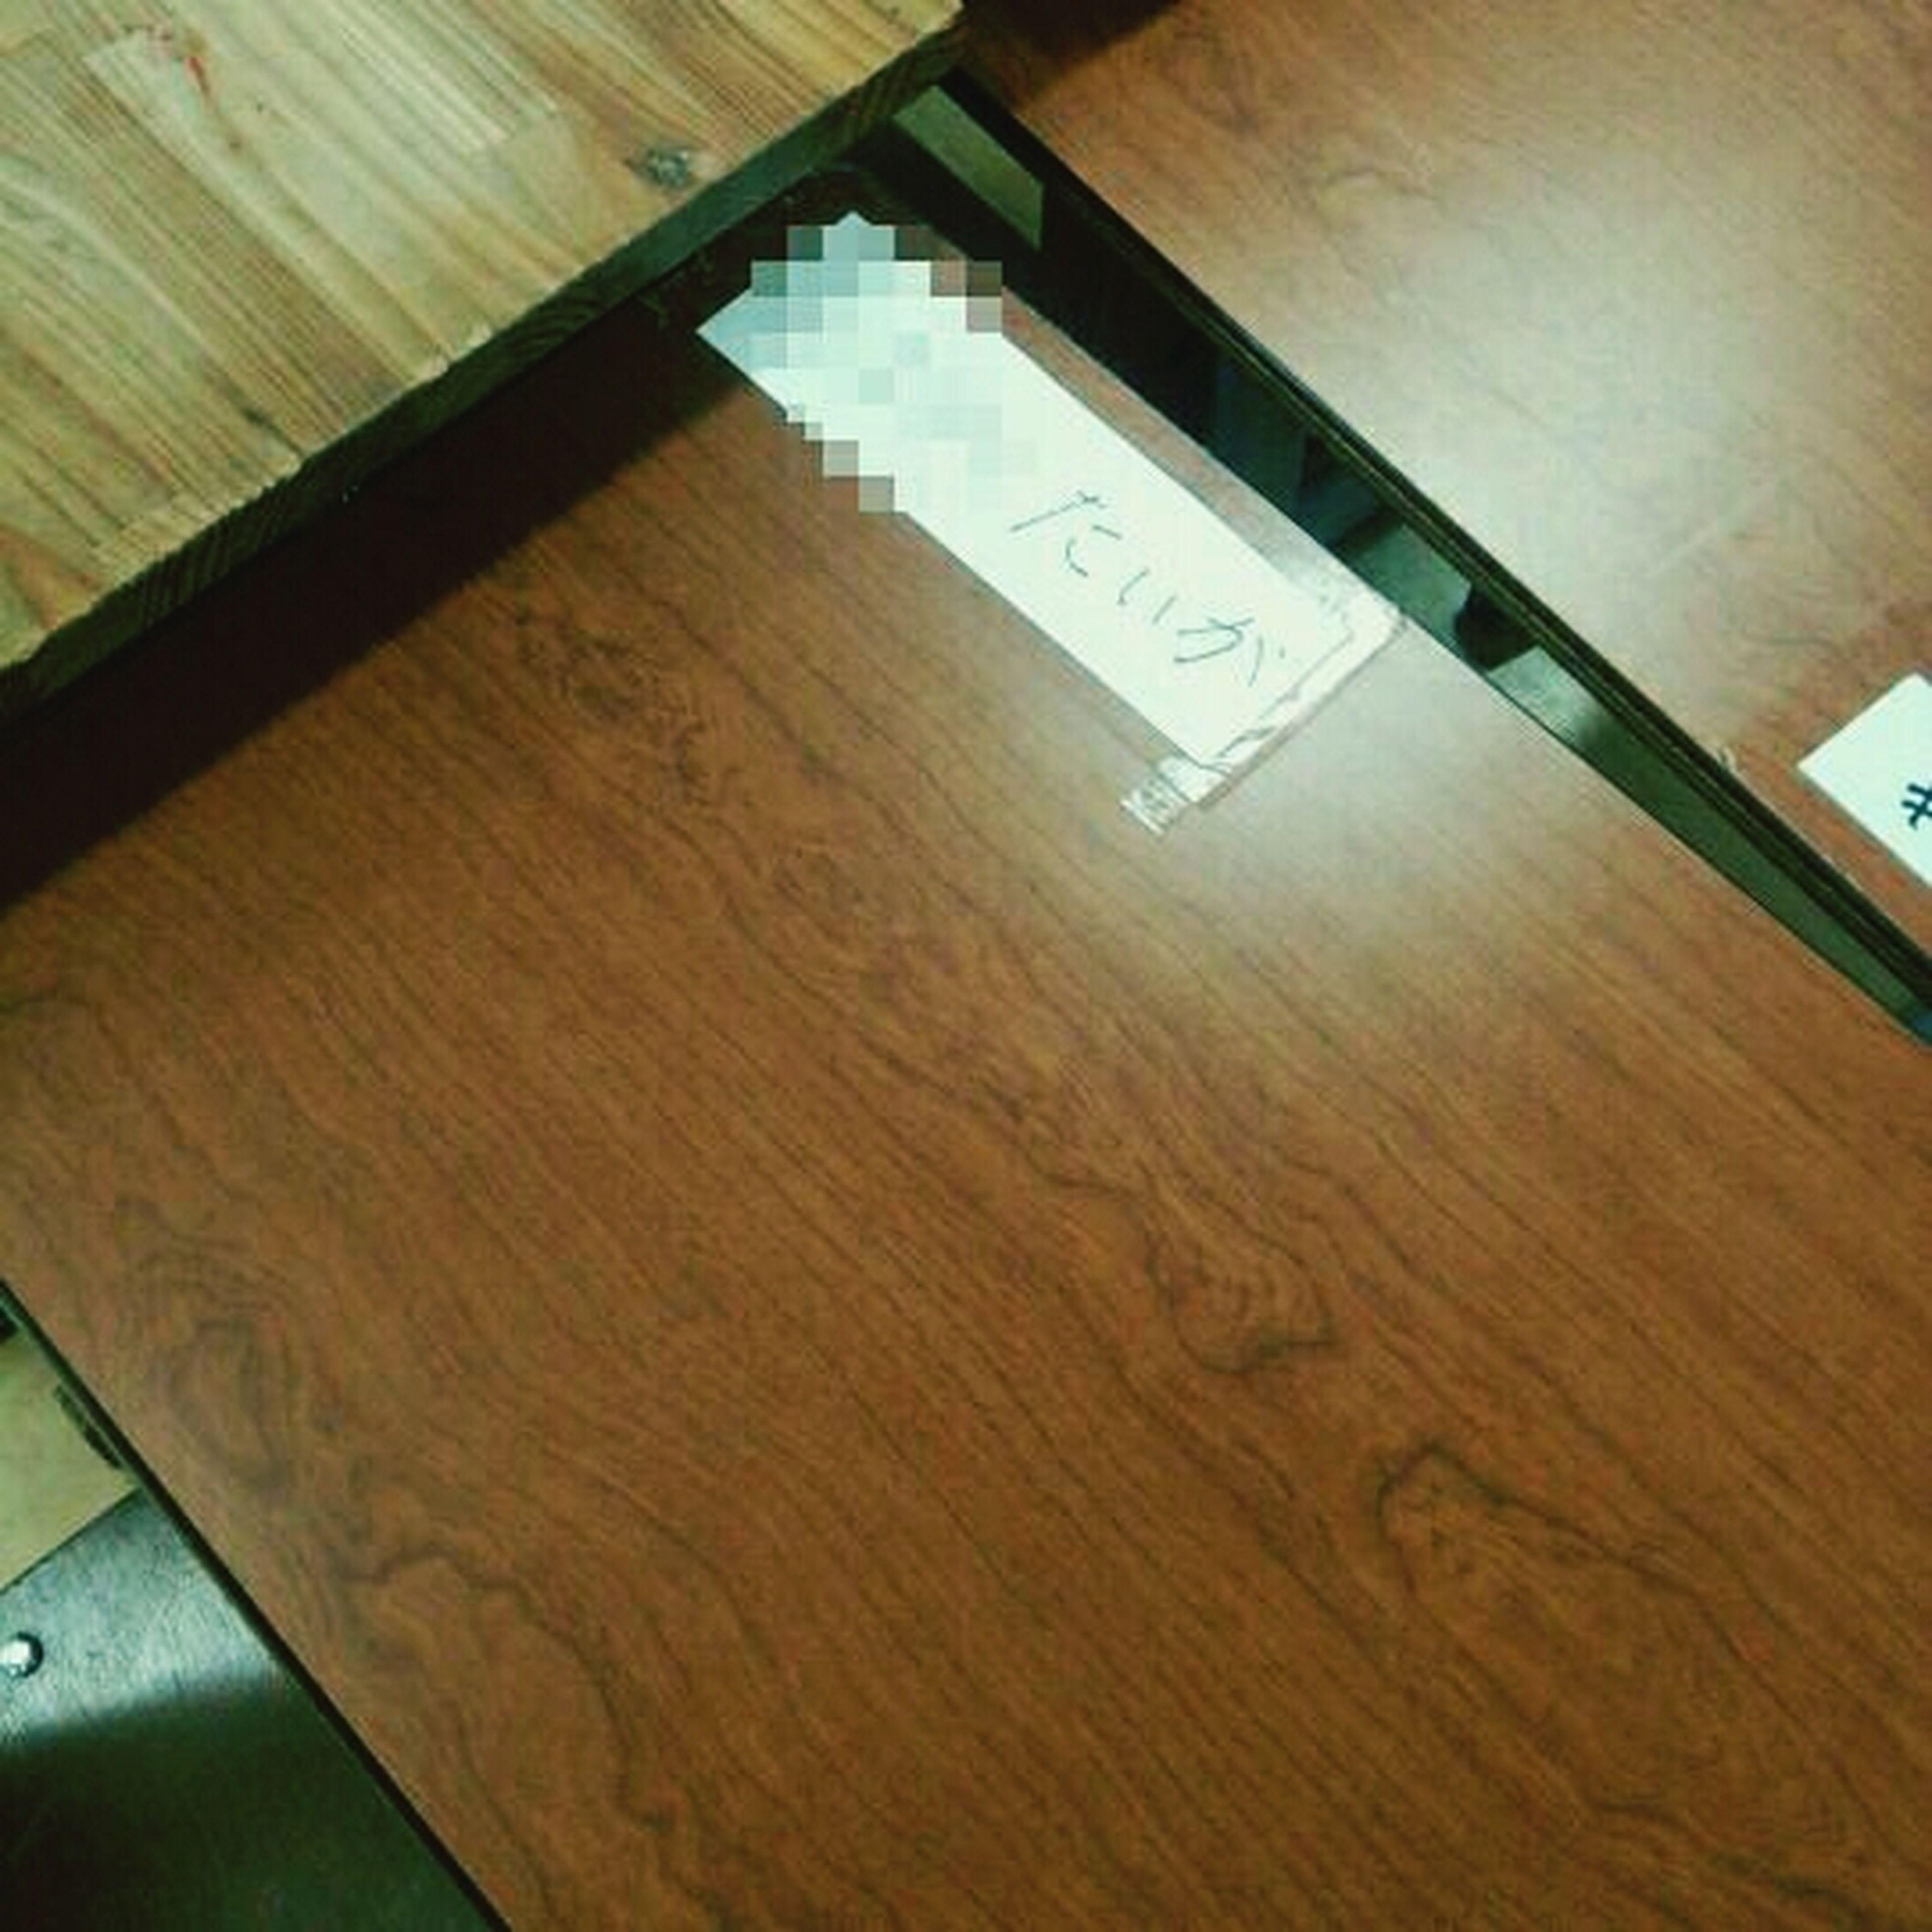 ちゃんと次男の机も用意してくれてあったよー\(^o^)/